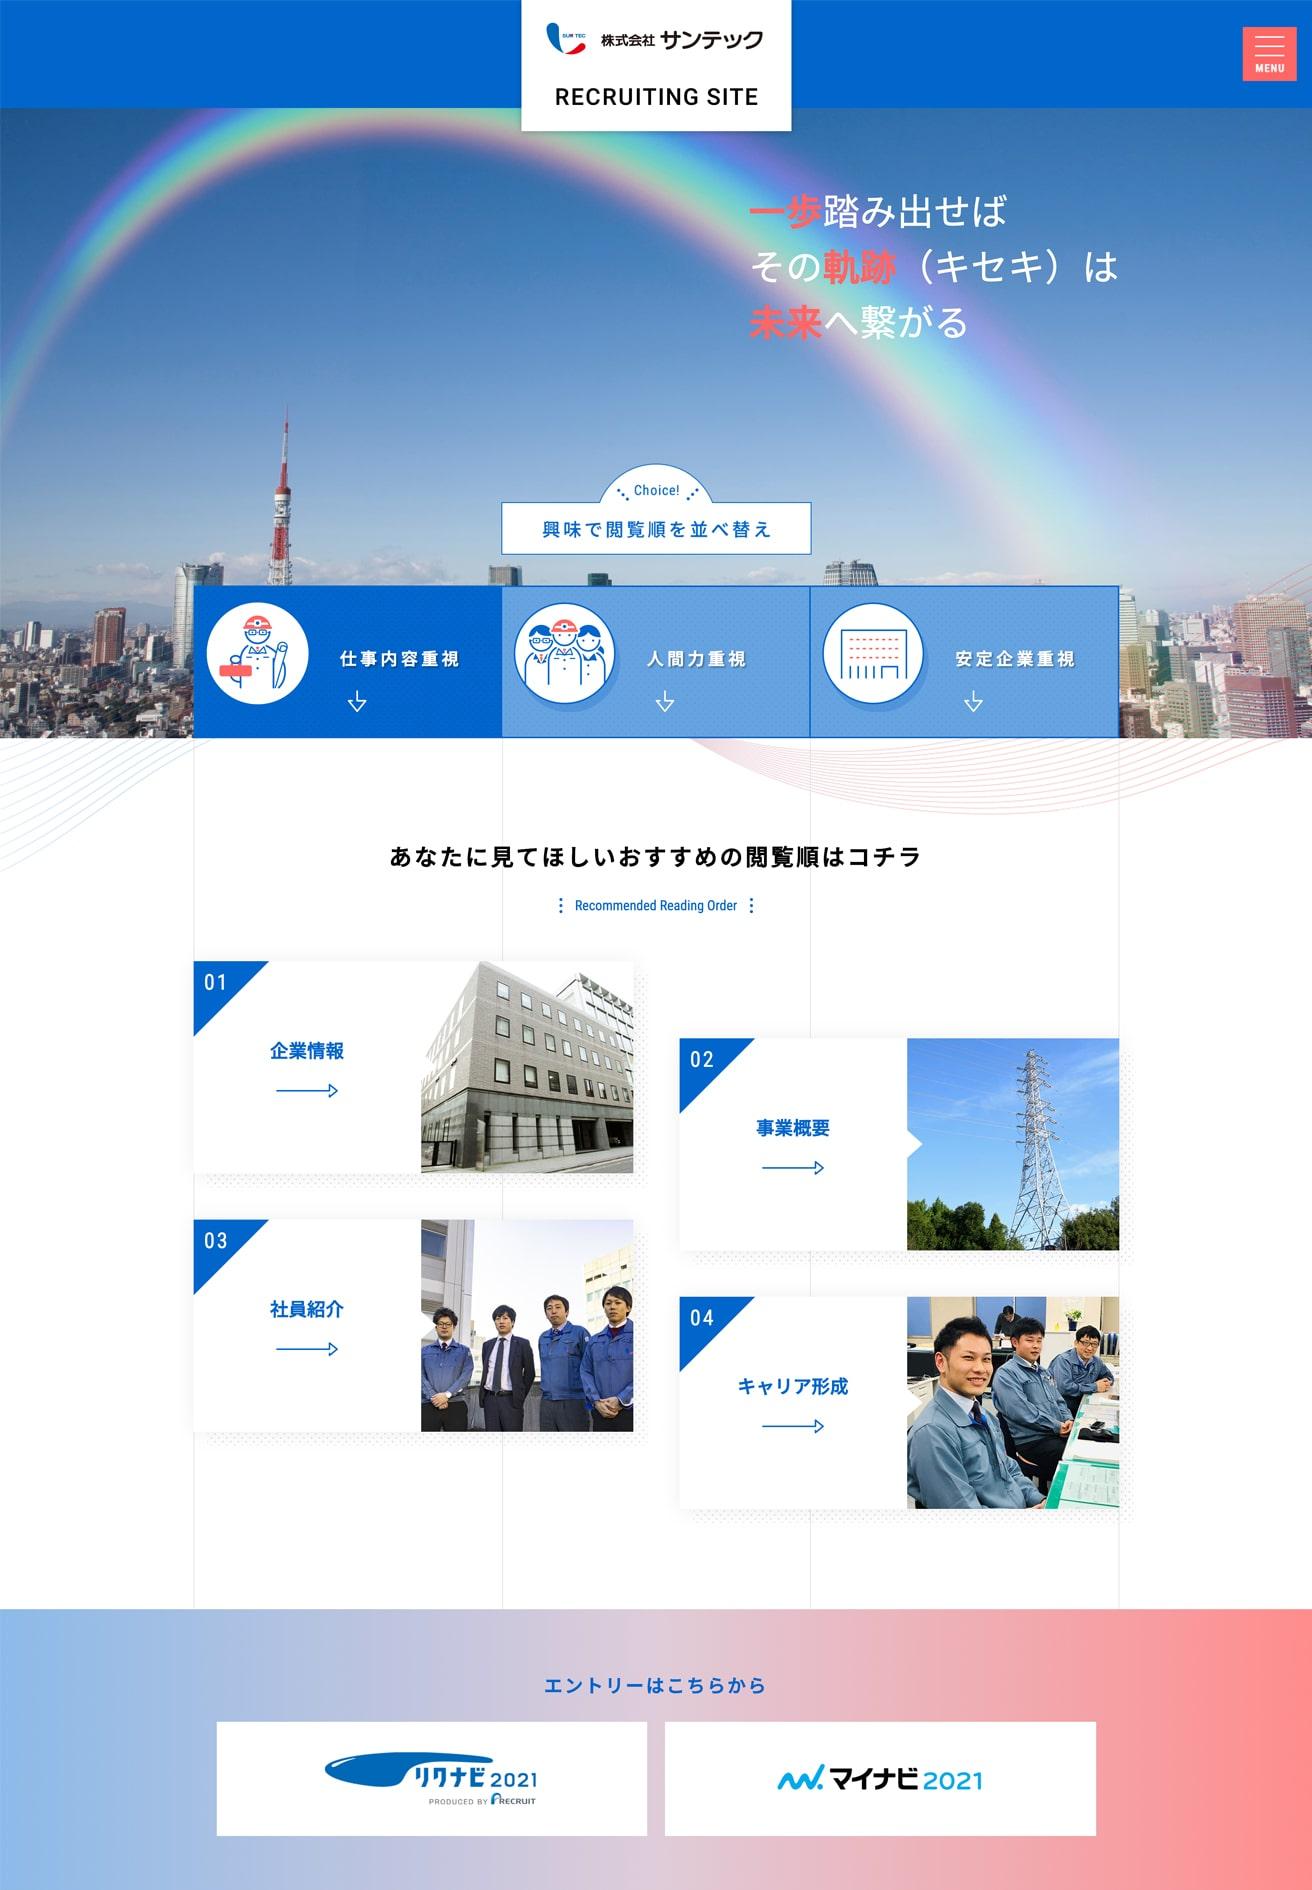 株式会社サンテック採用サイト トップページ